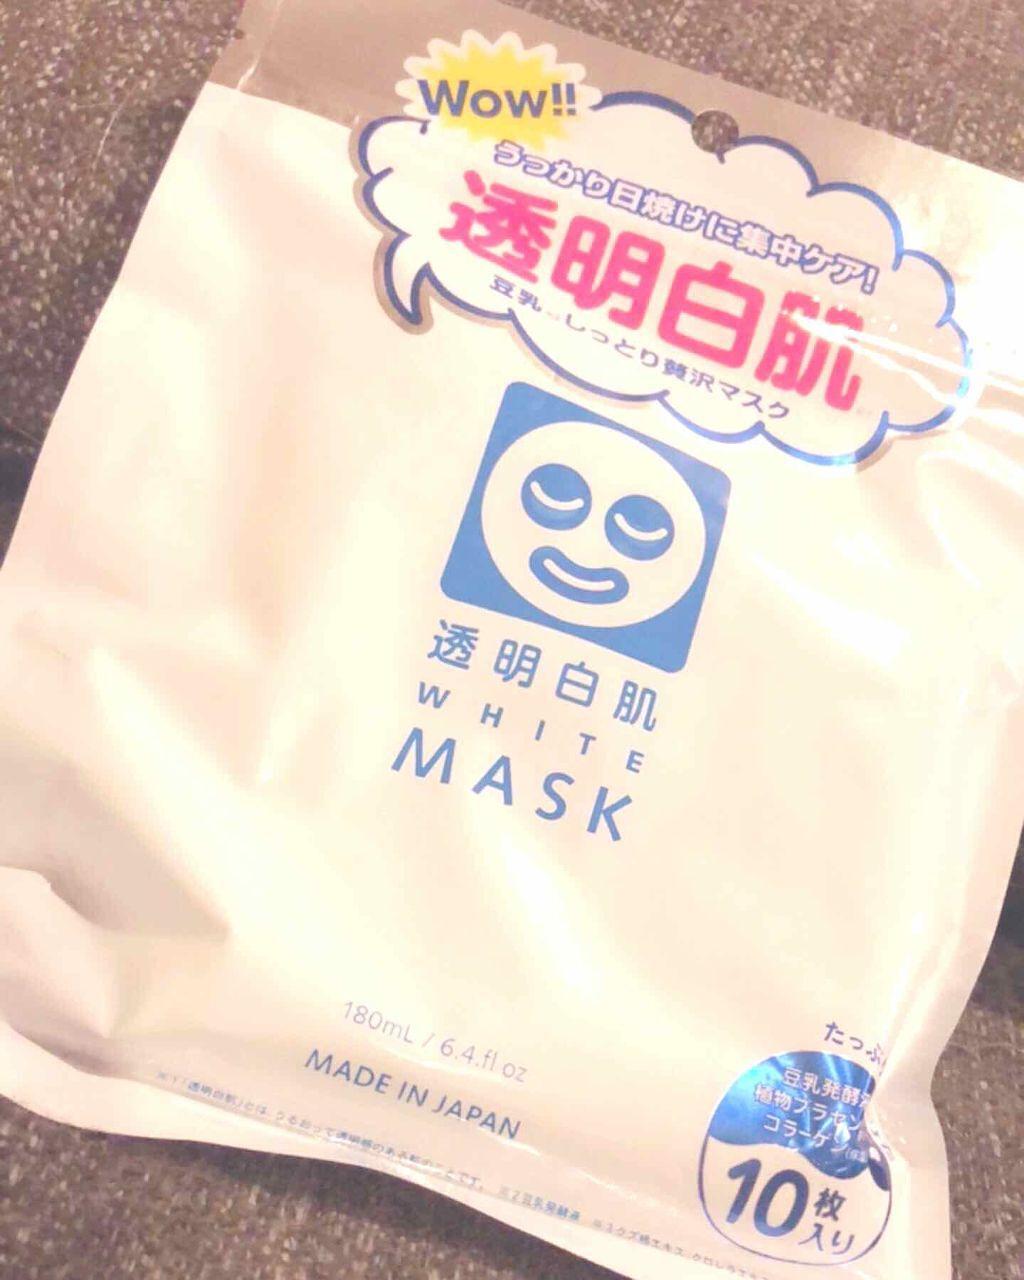 「【プチプラ・デパコス】美白効果のあるシートマスク人気ランキング!使い方のコツや注意点も紹介します」の画像(#163213)